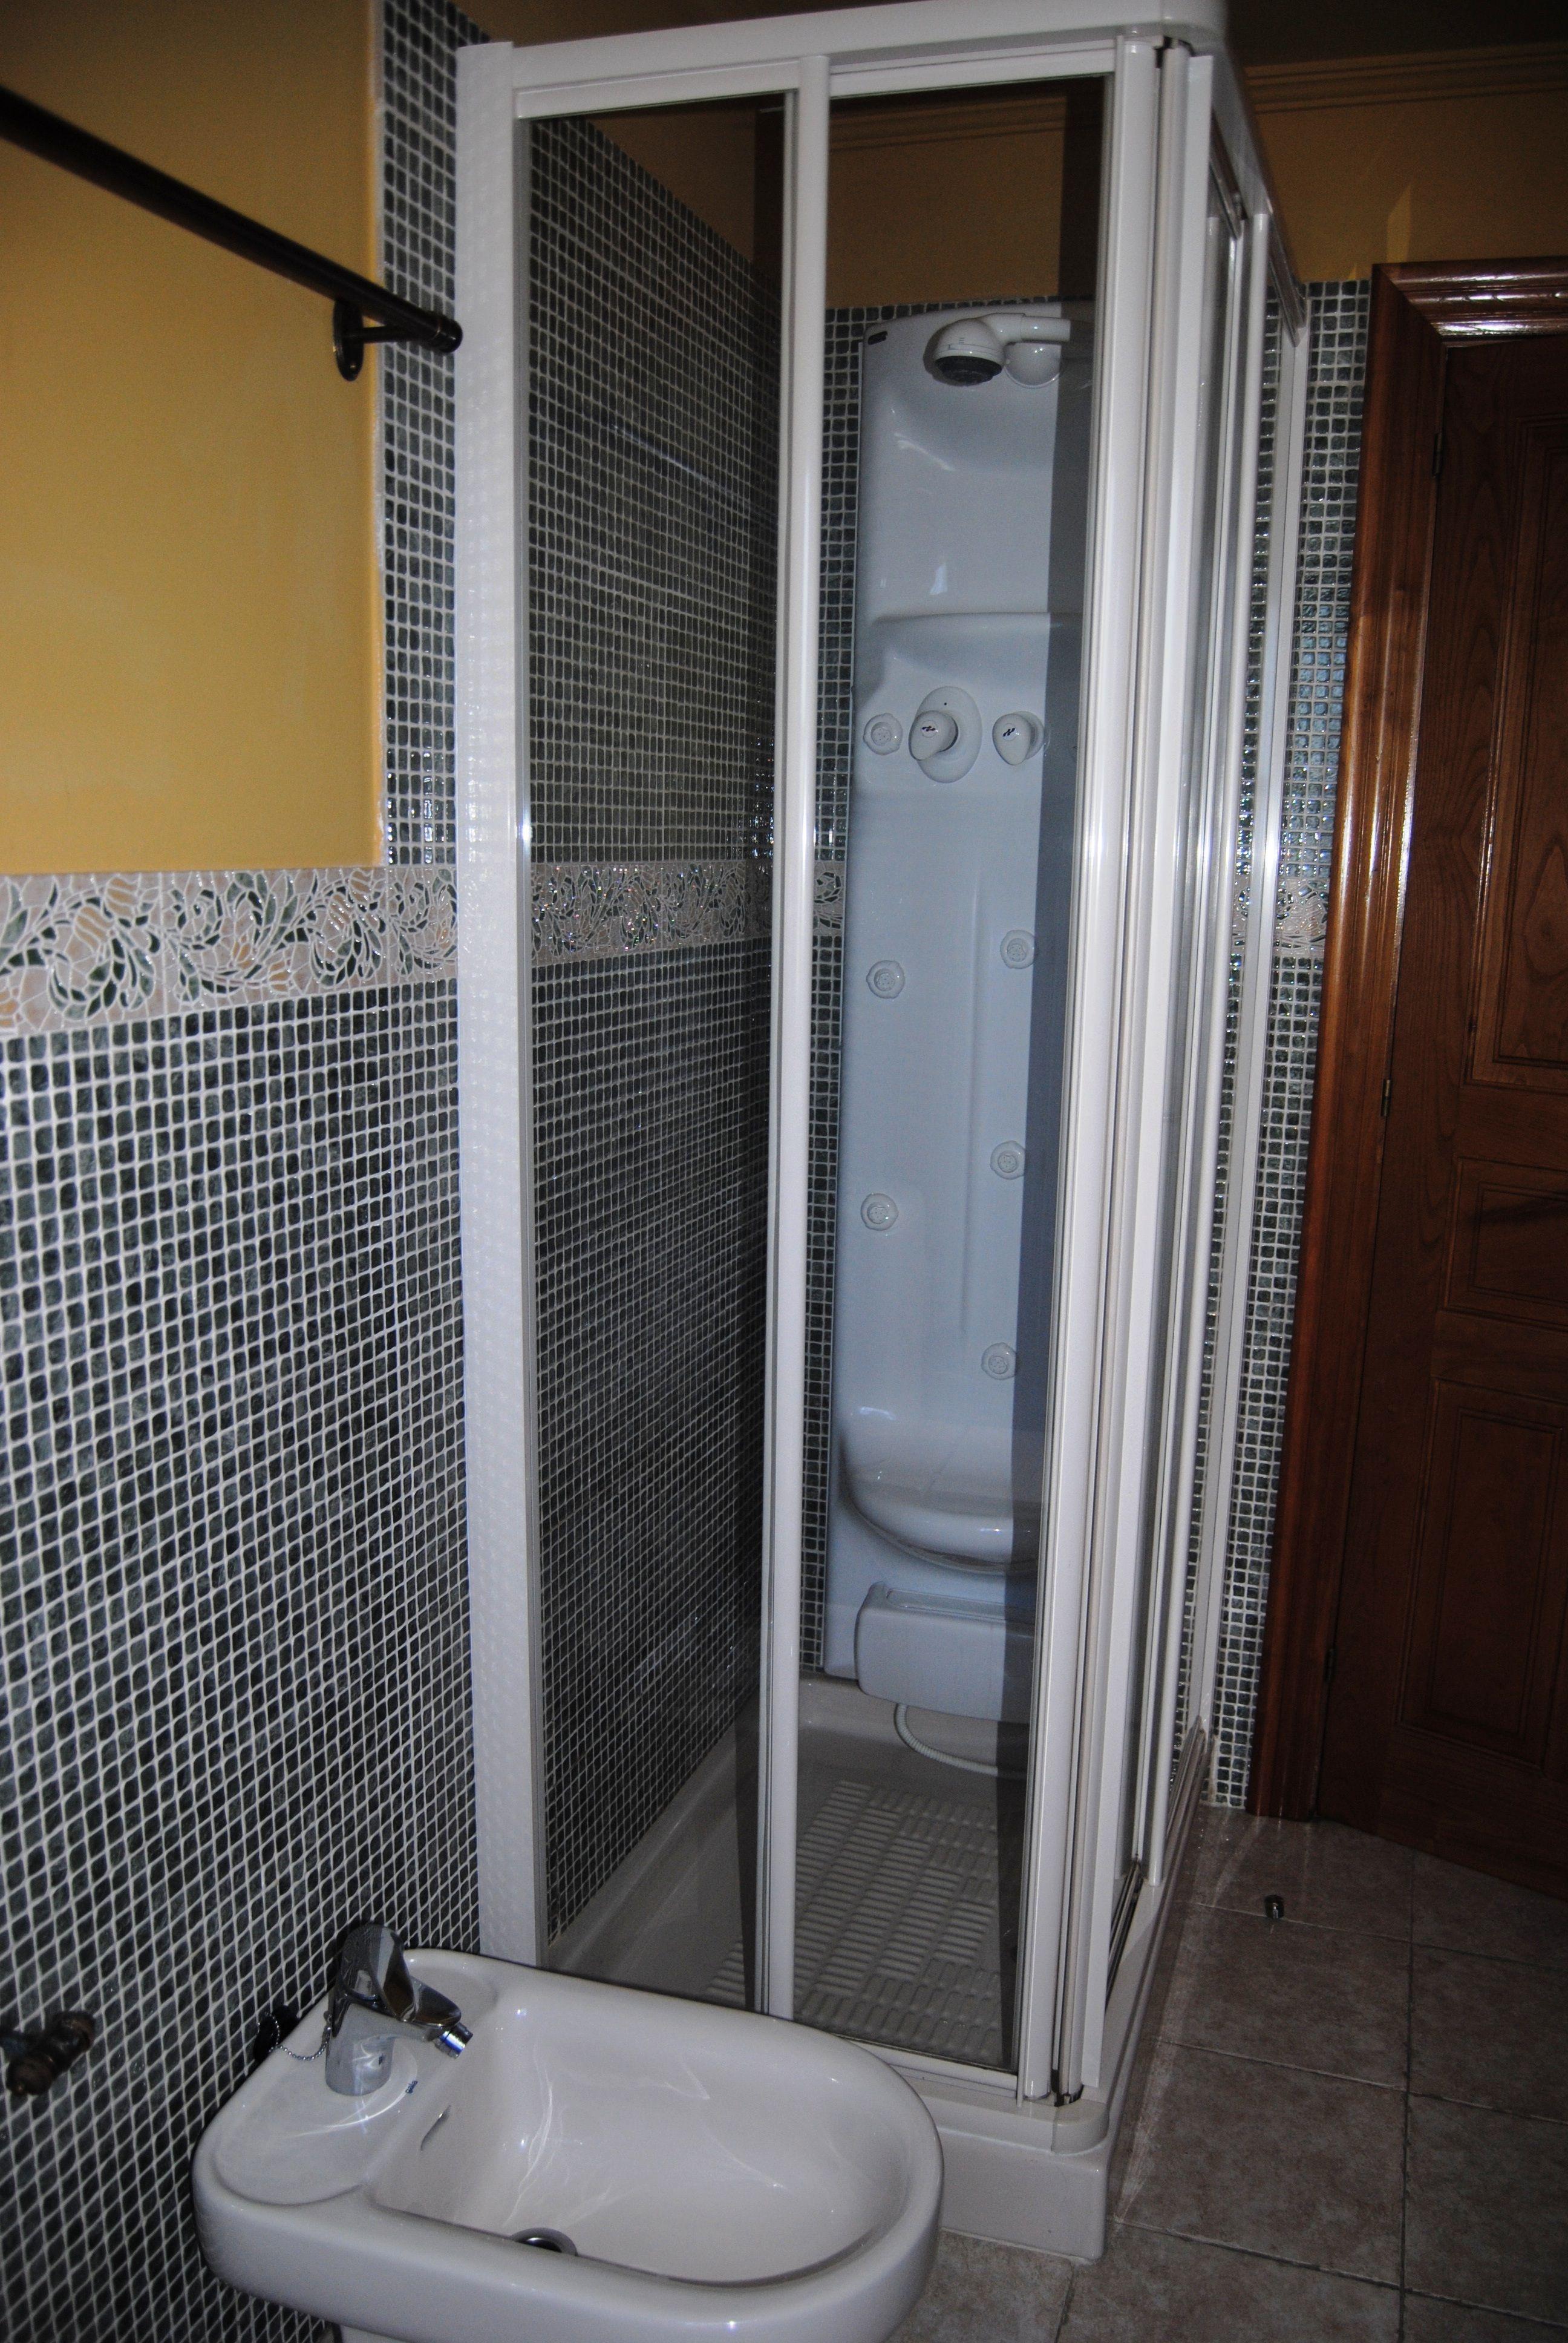 Baño completo con ducha de columna de hidromasaje